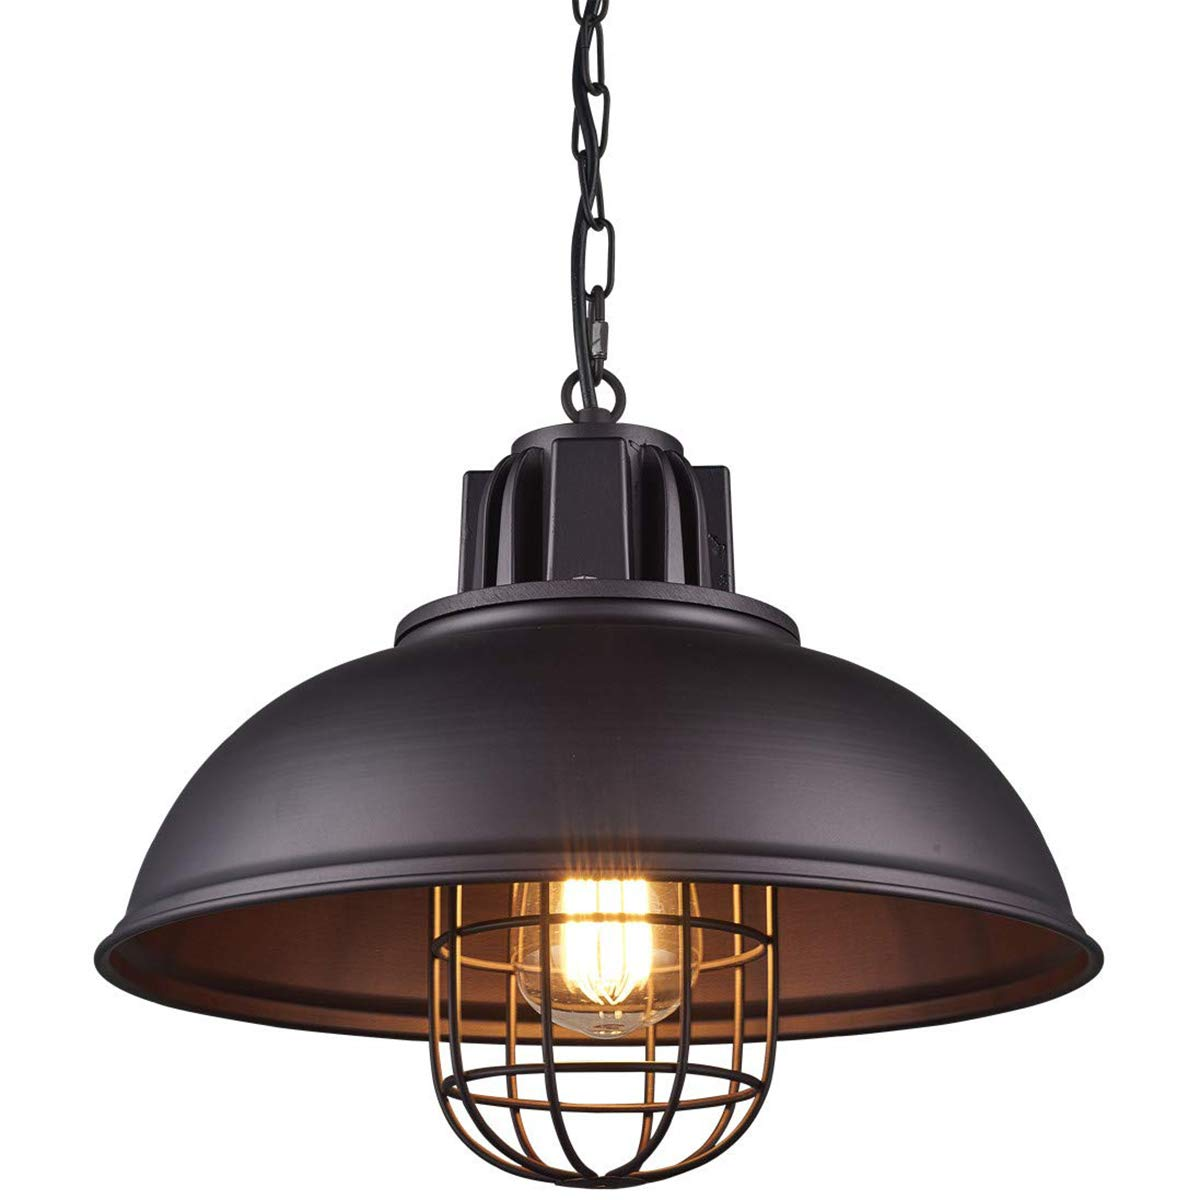 solo para ti Lámpara Lámpara Lámpara Colgante de Metal Industrial Lámpara de Comedor, Iluminación de Pantalla Negro de Vintage, Lámpara Colgante Granegro para Cocina, E27 Max 60W, W13  × H 67.3   diseños exclusivos